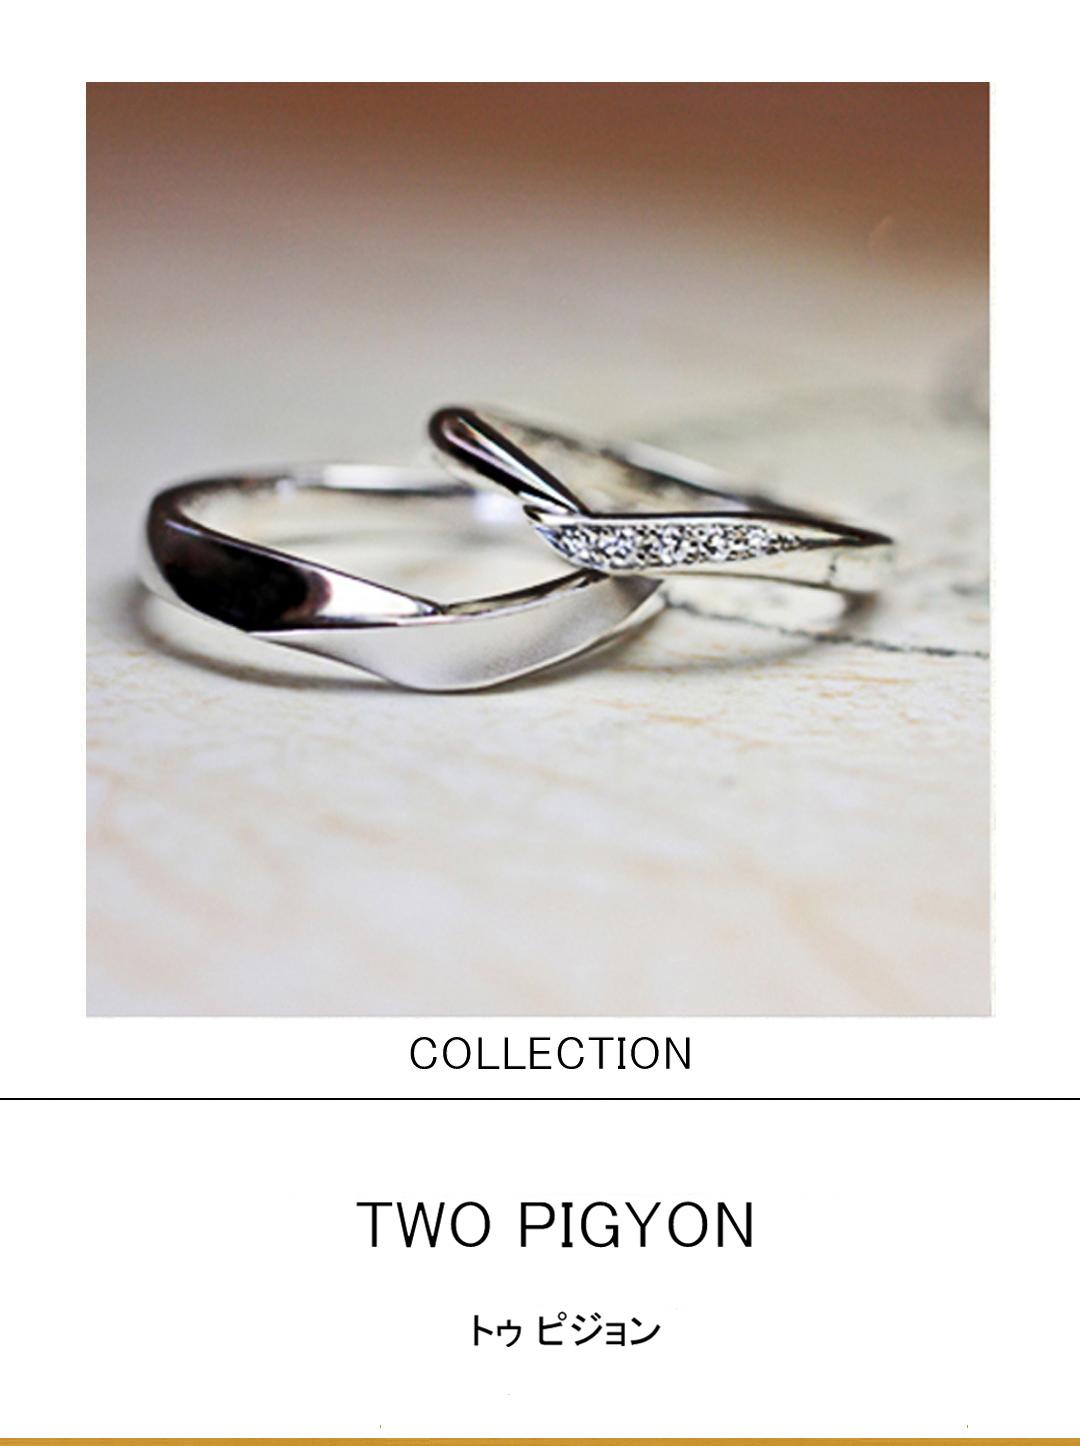 ダイヤモンドを華奢なVラインにデザインした結婚指輪コレクションのサムネイル